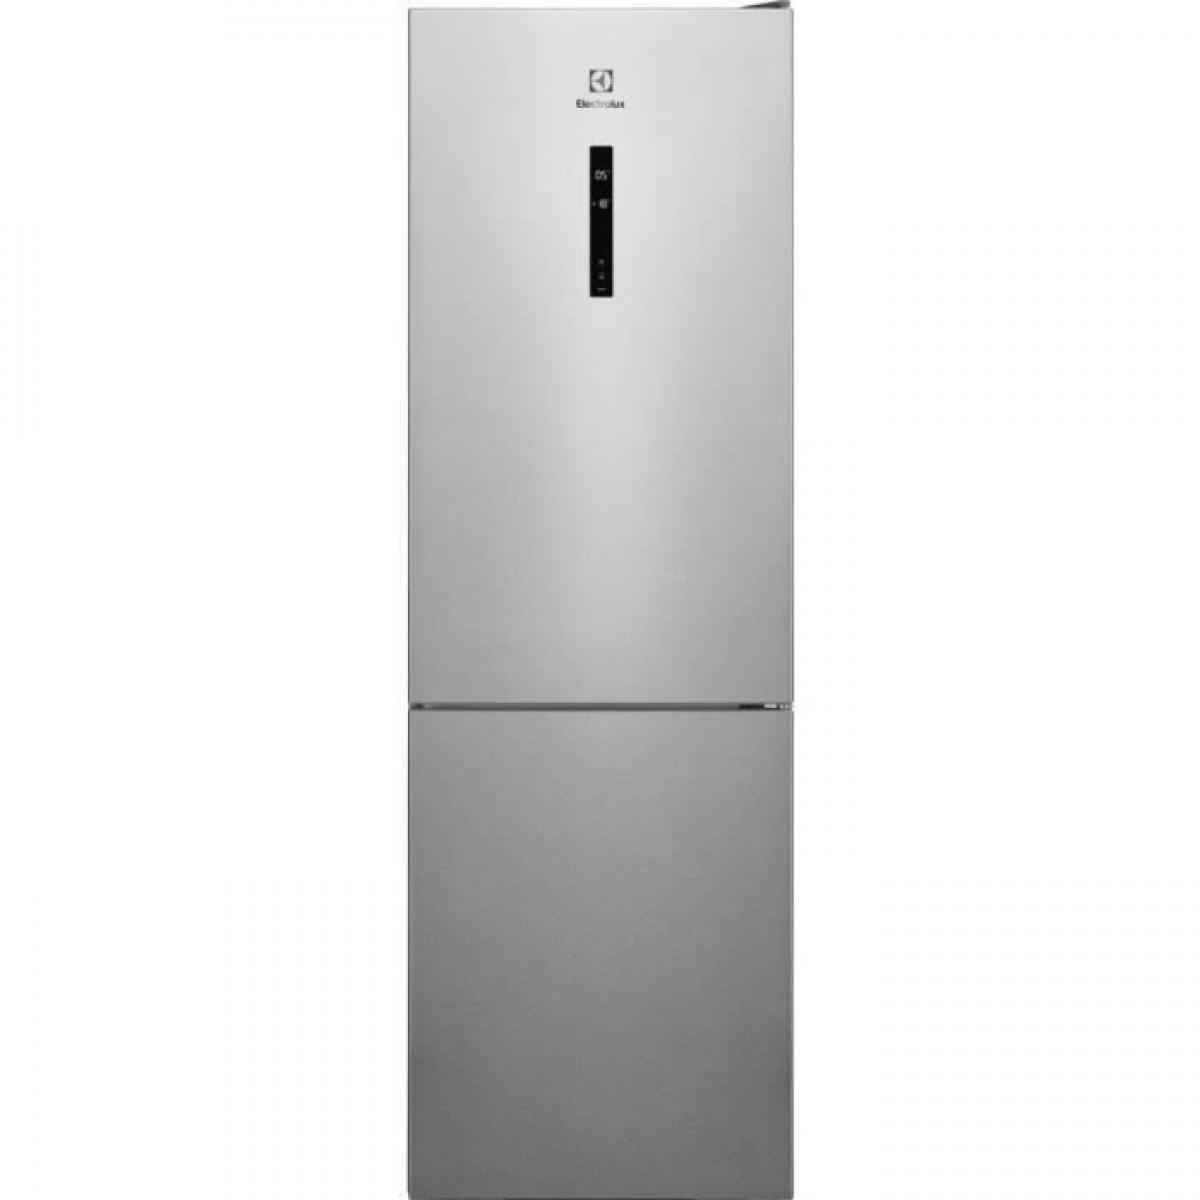 Electrolux Réfrigérateur combiné 324L Froid Ventilé ELECTROLUX 60cm A++, ELE7332543729487